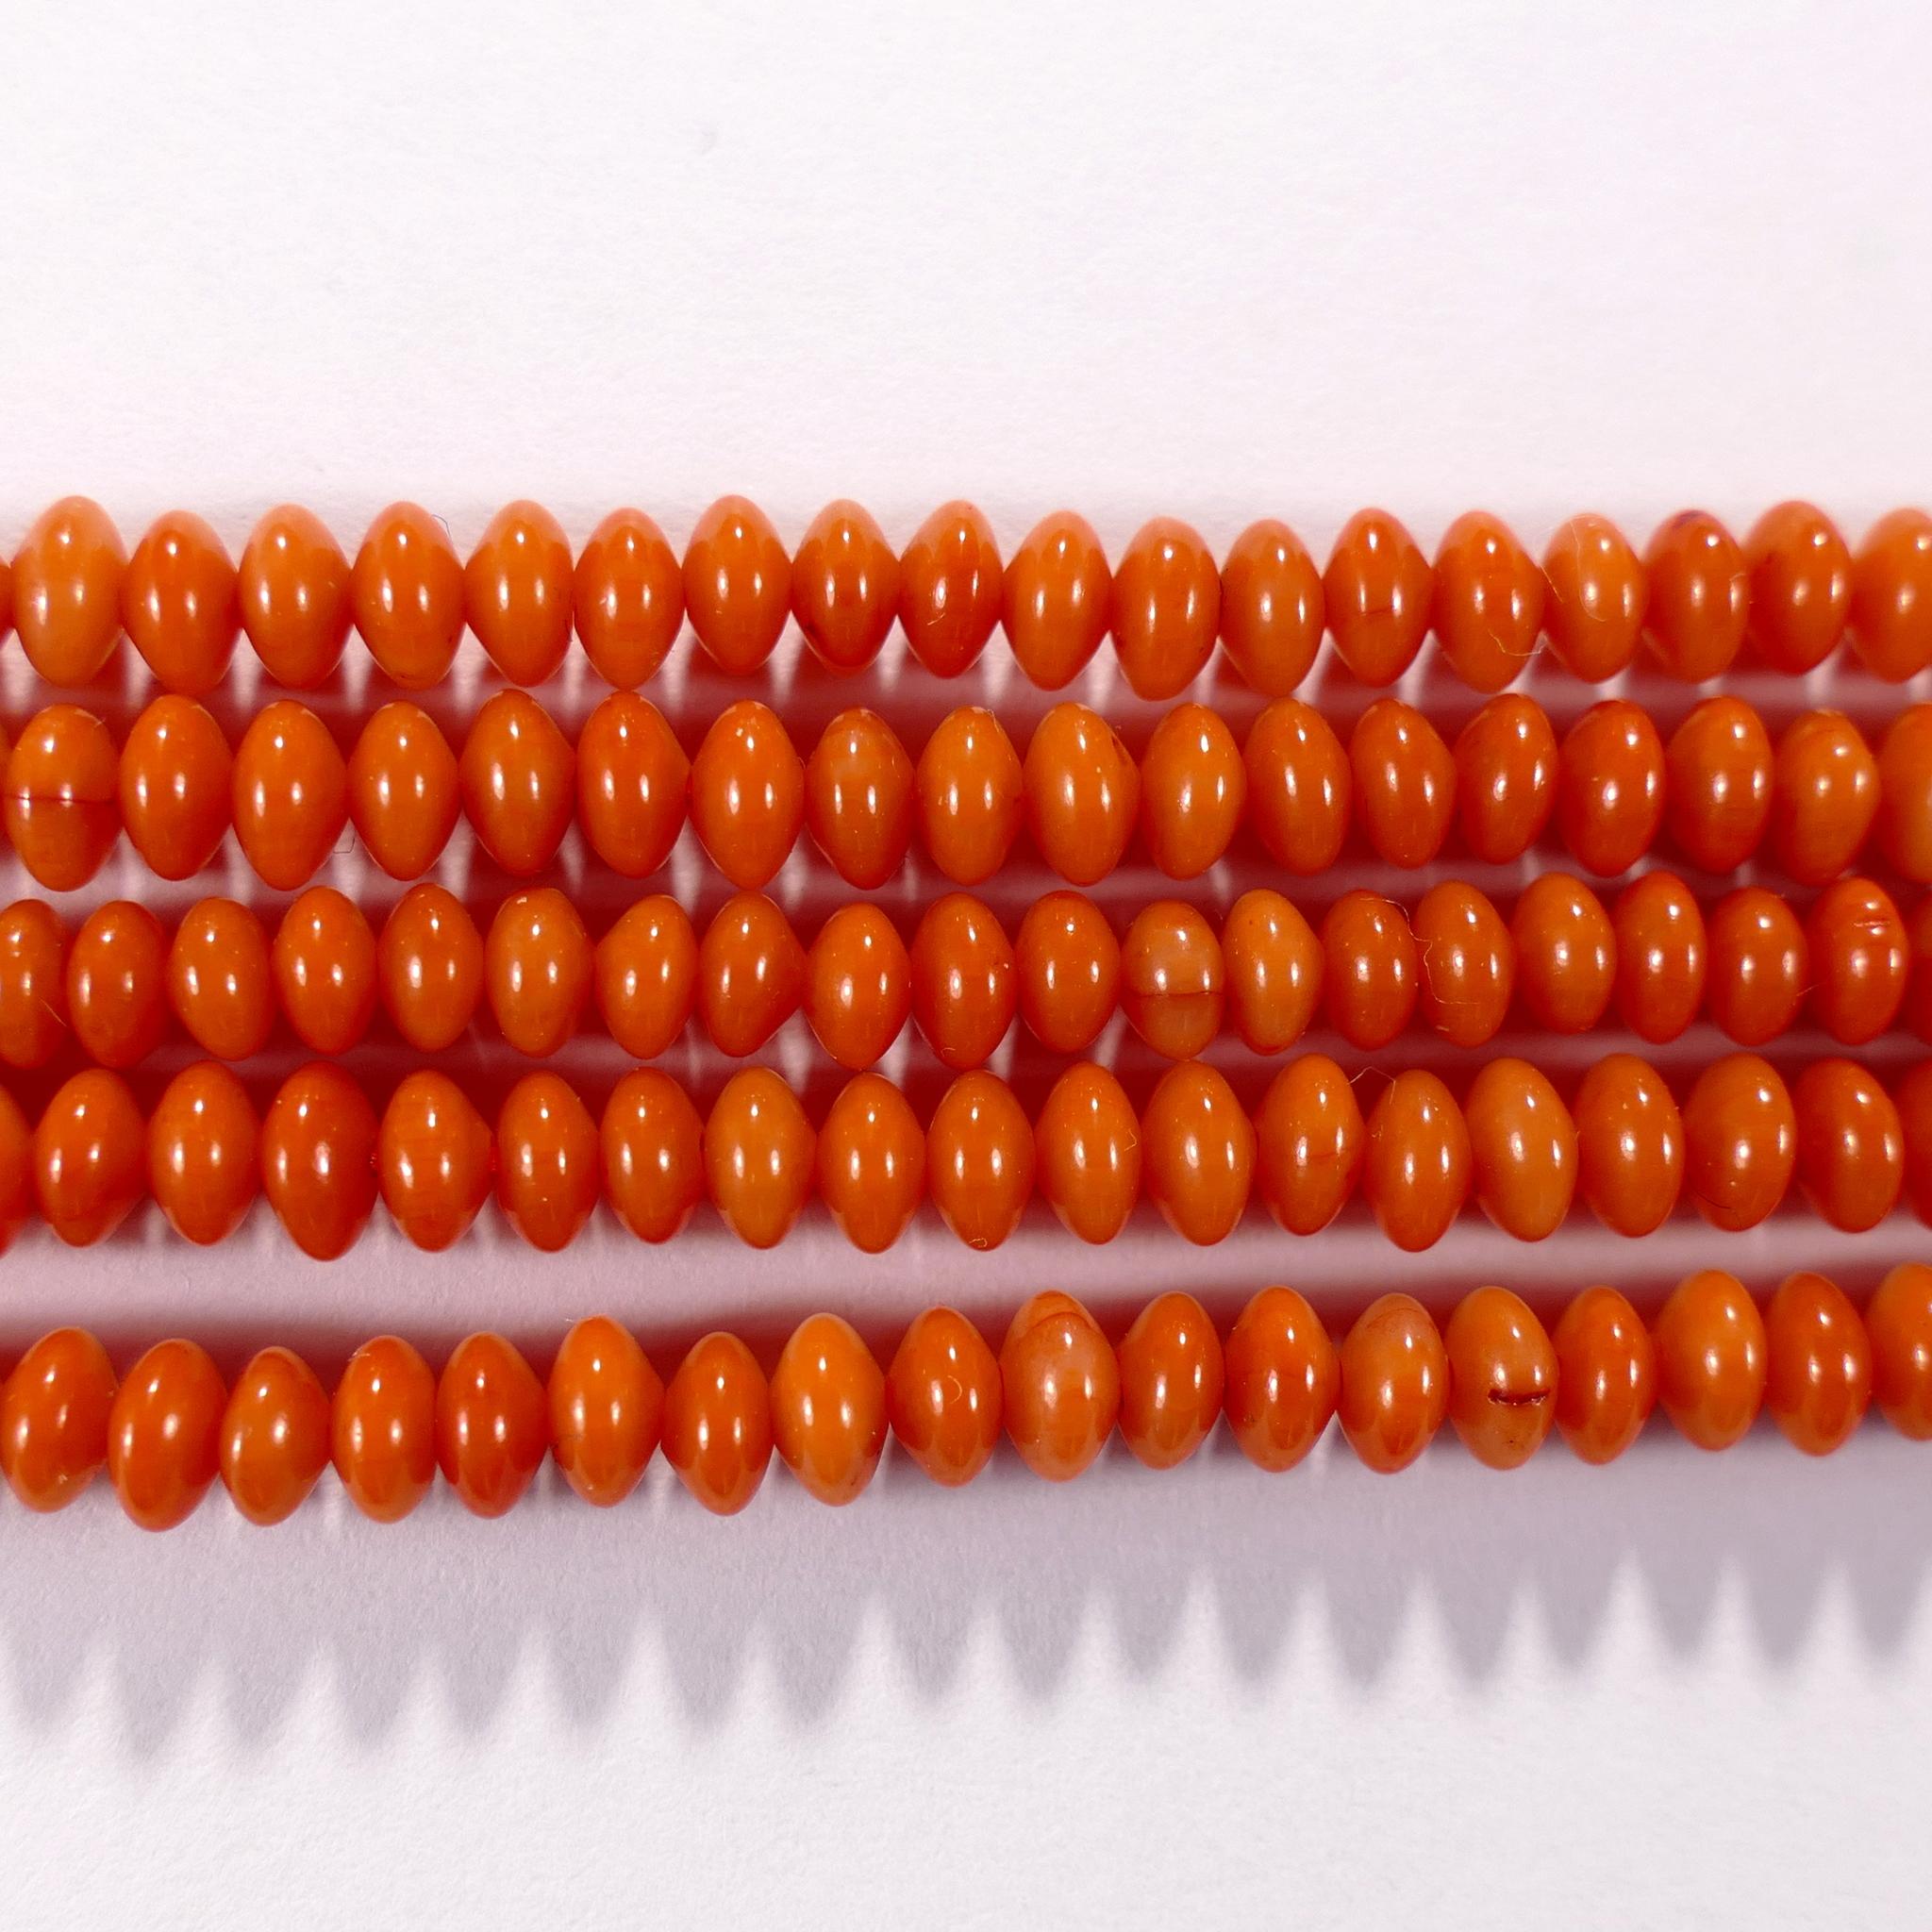 Нить бусин из коралла оранжевого, облагороженного, фигурные, 2x4 мм (рондель плоская, гладкая)